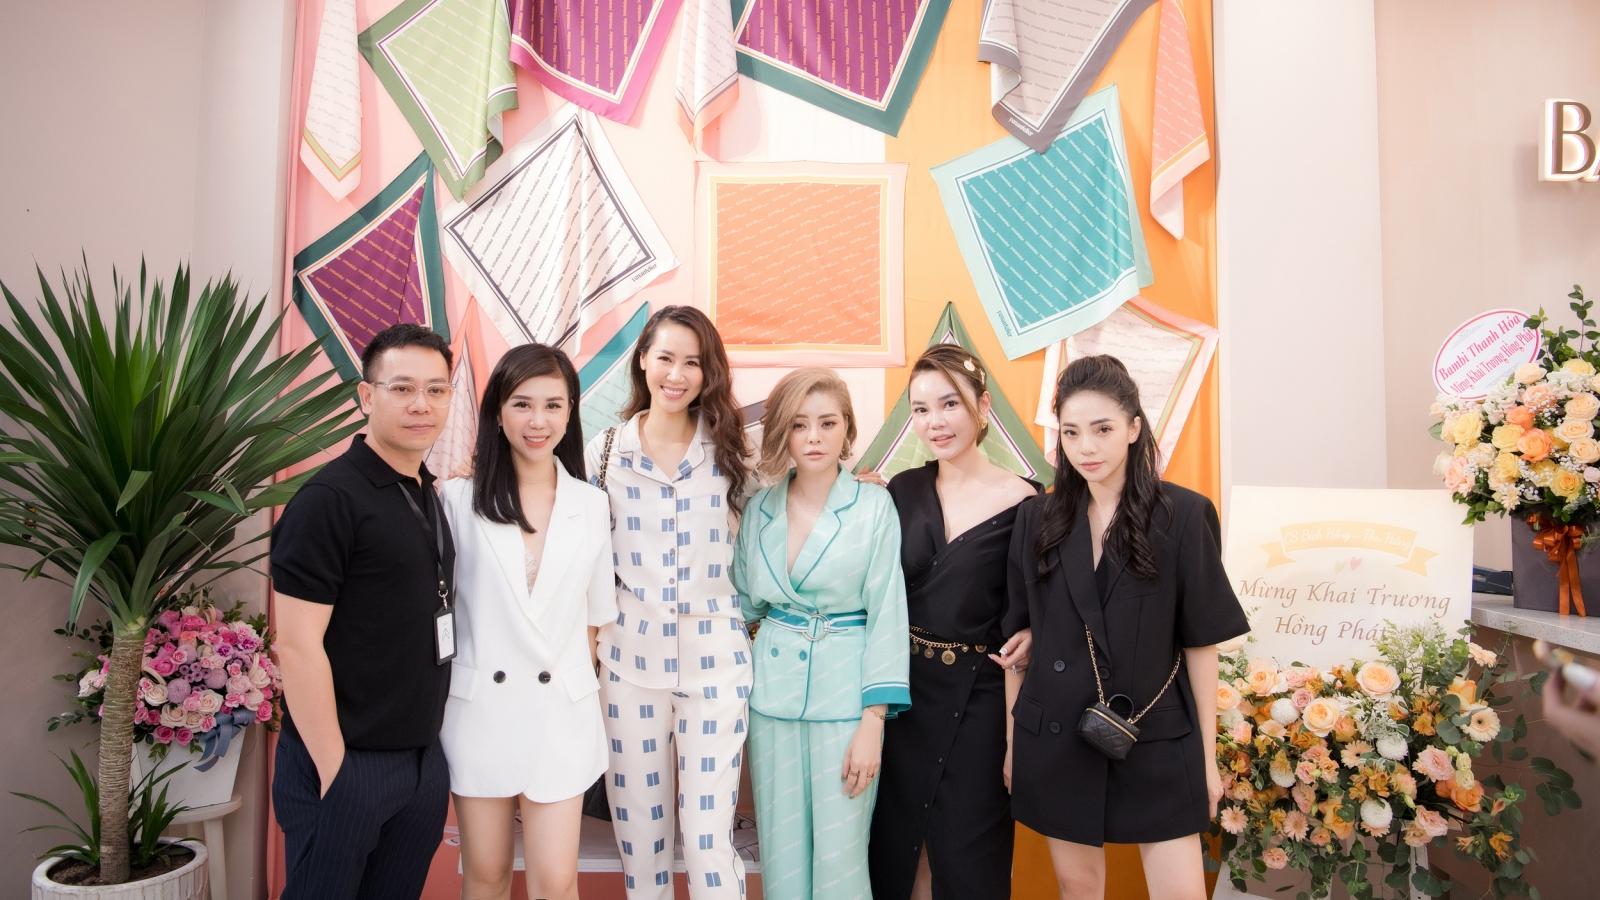 Lương Thu Trang, Dương Thùy Linh nổi bật trong pijama của NTK Thu Yến